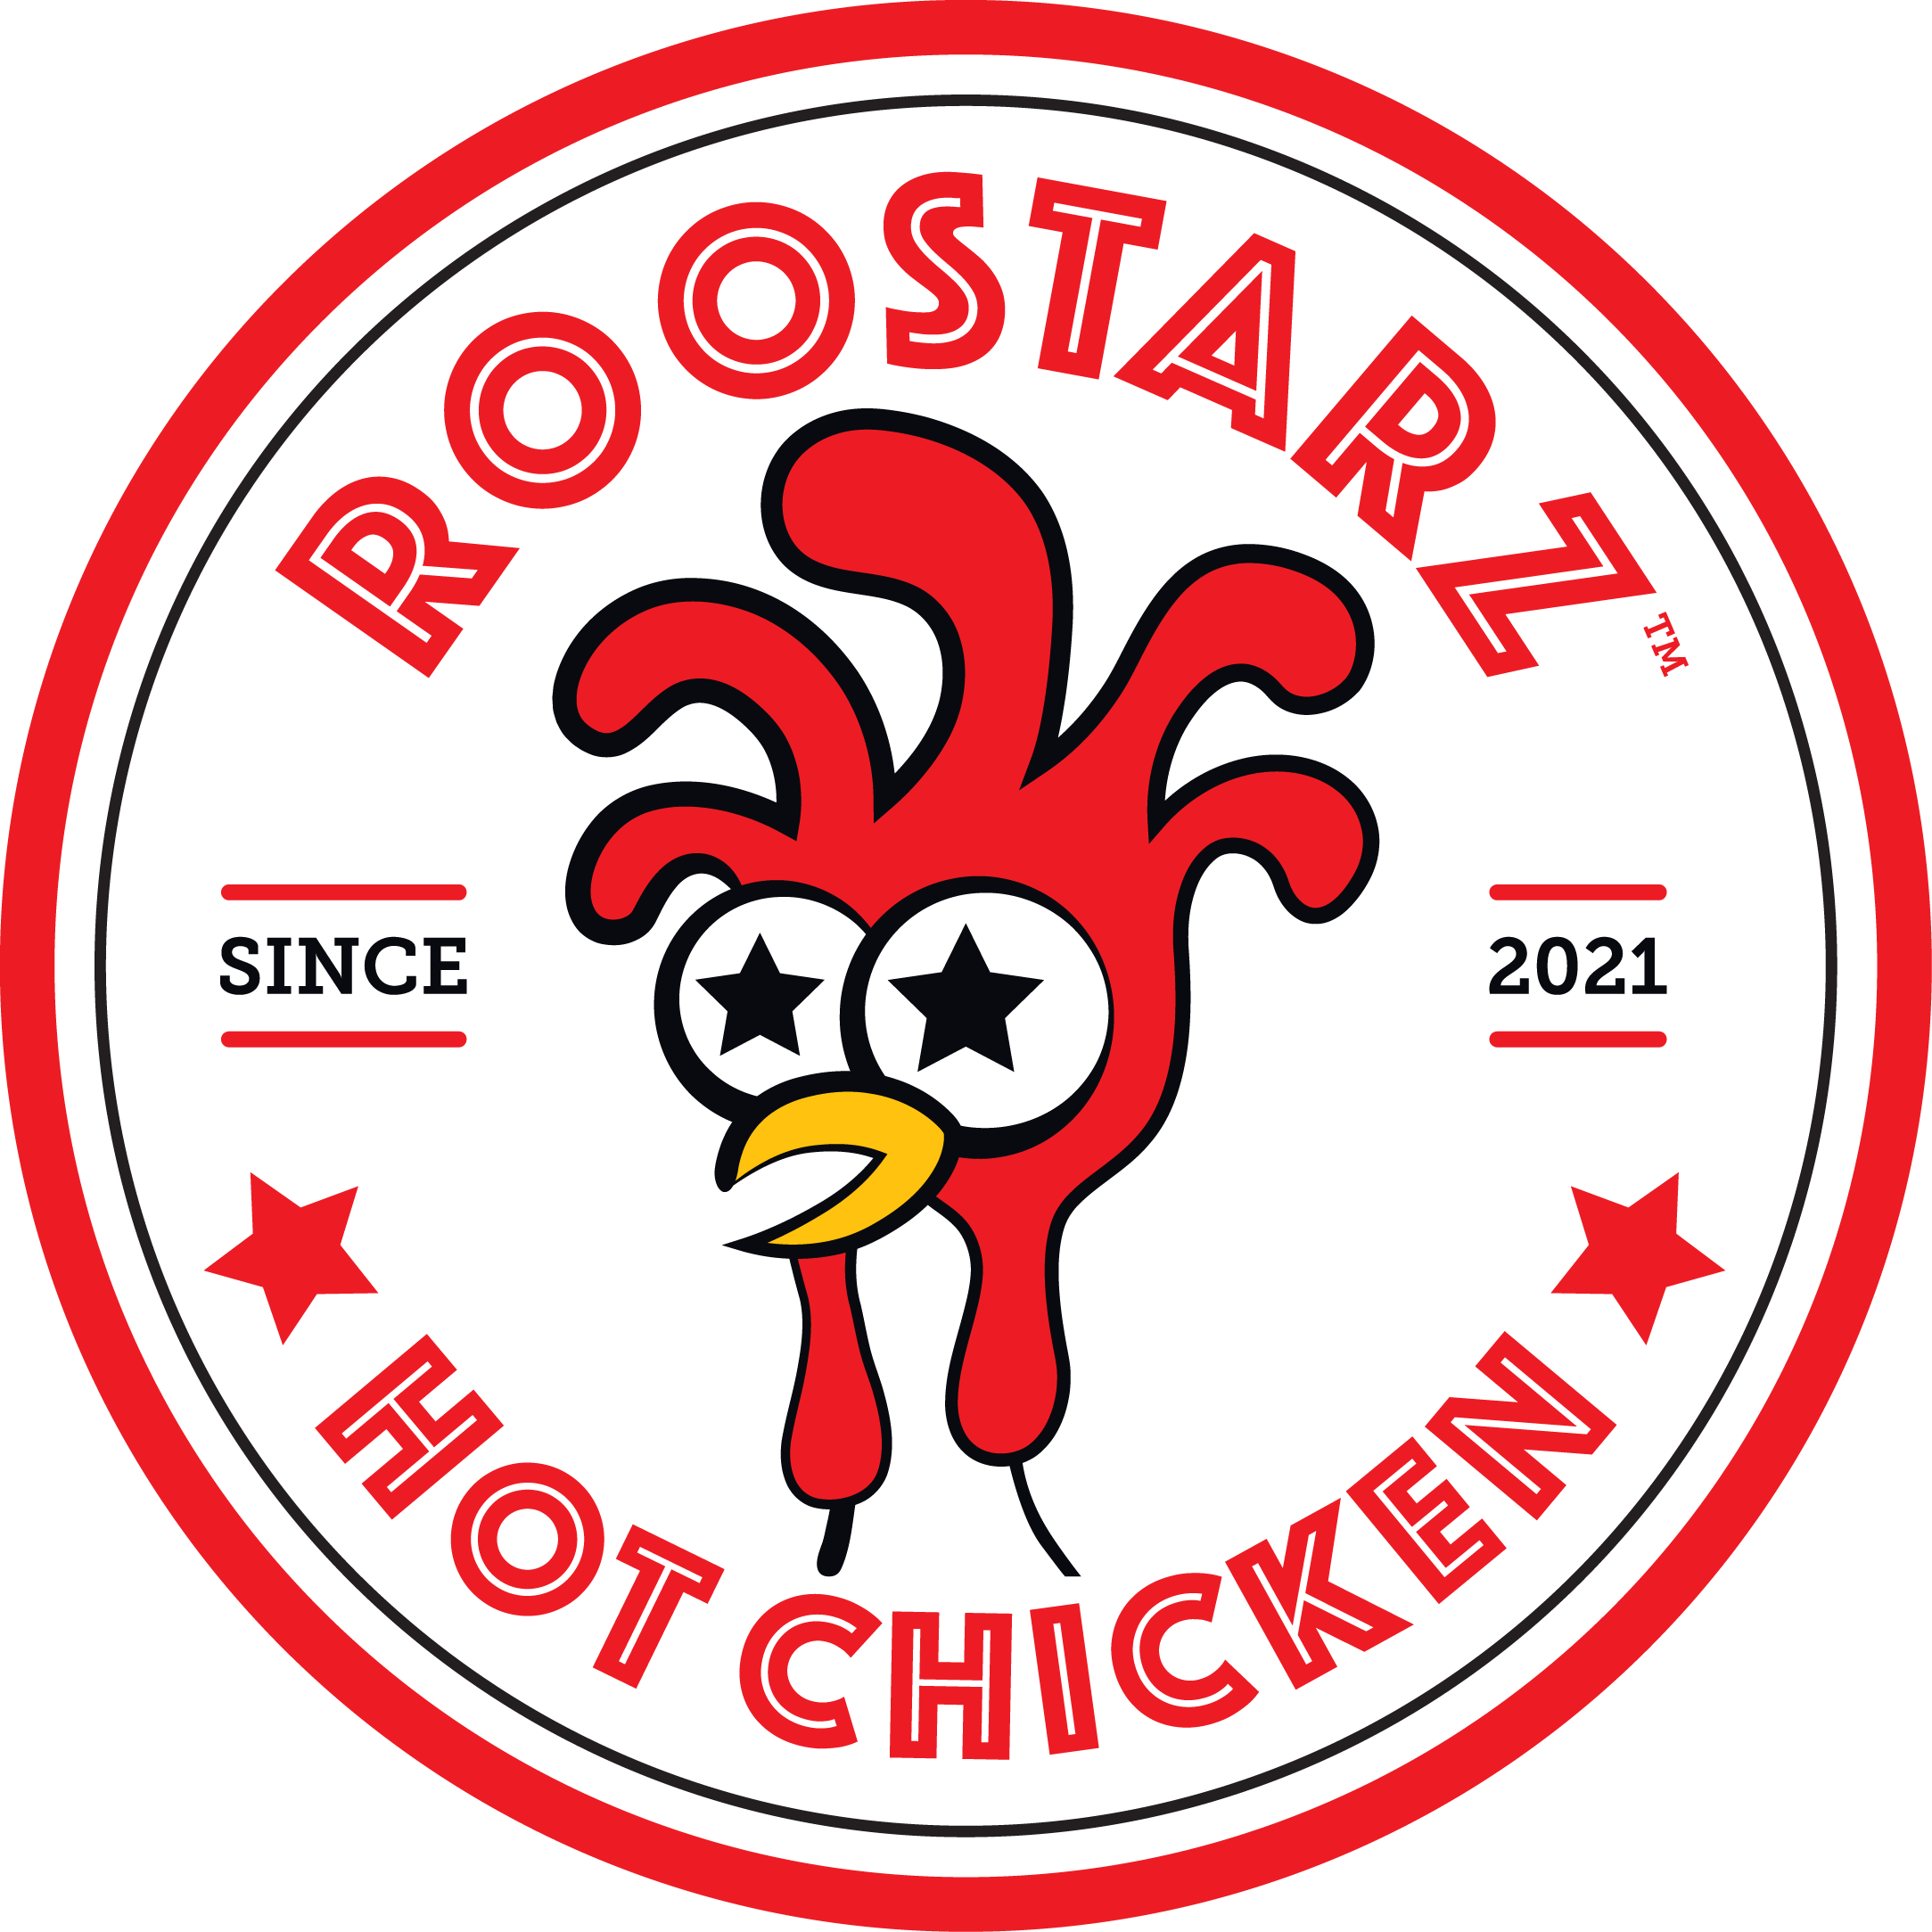 Roostarz Hot Chicken